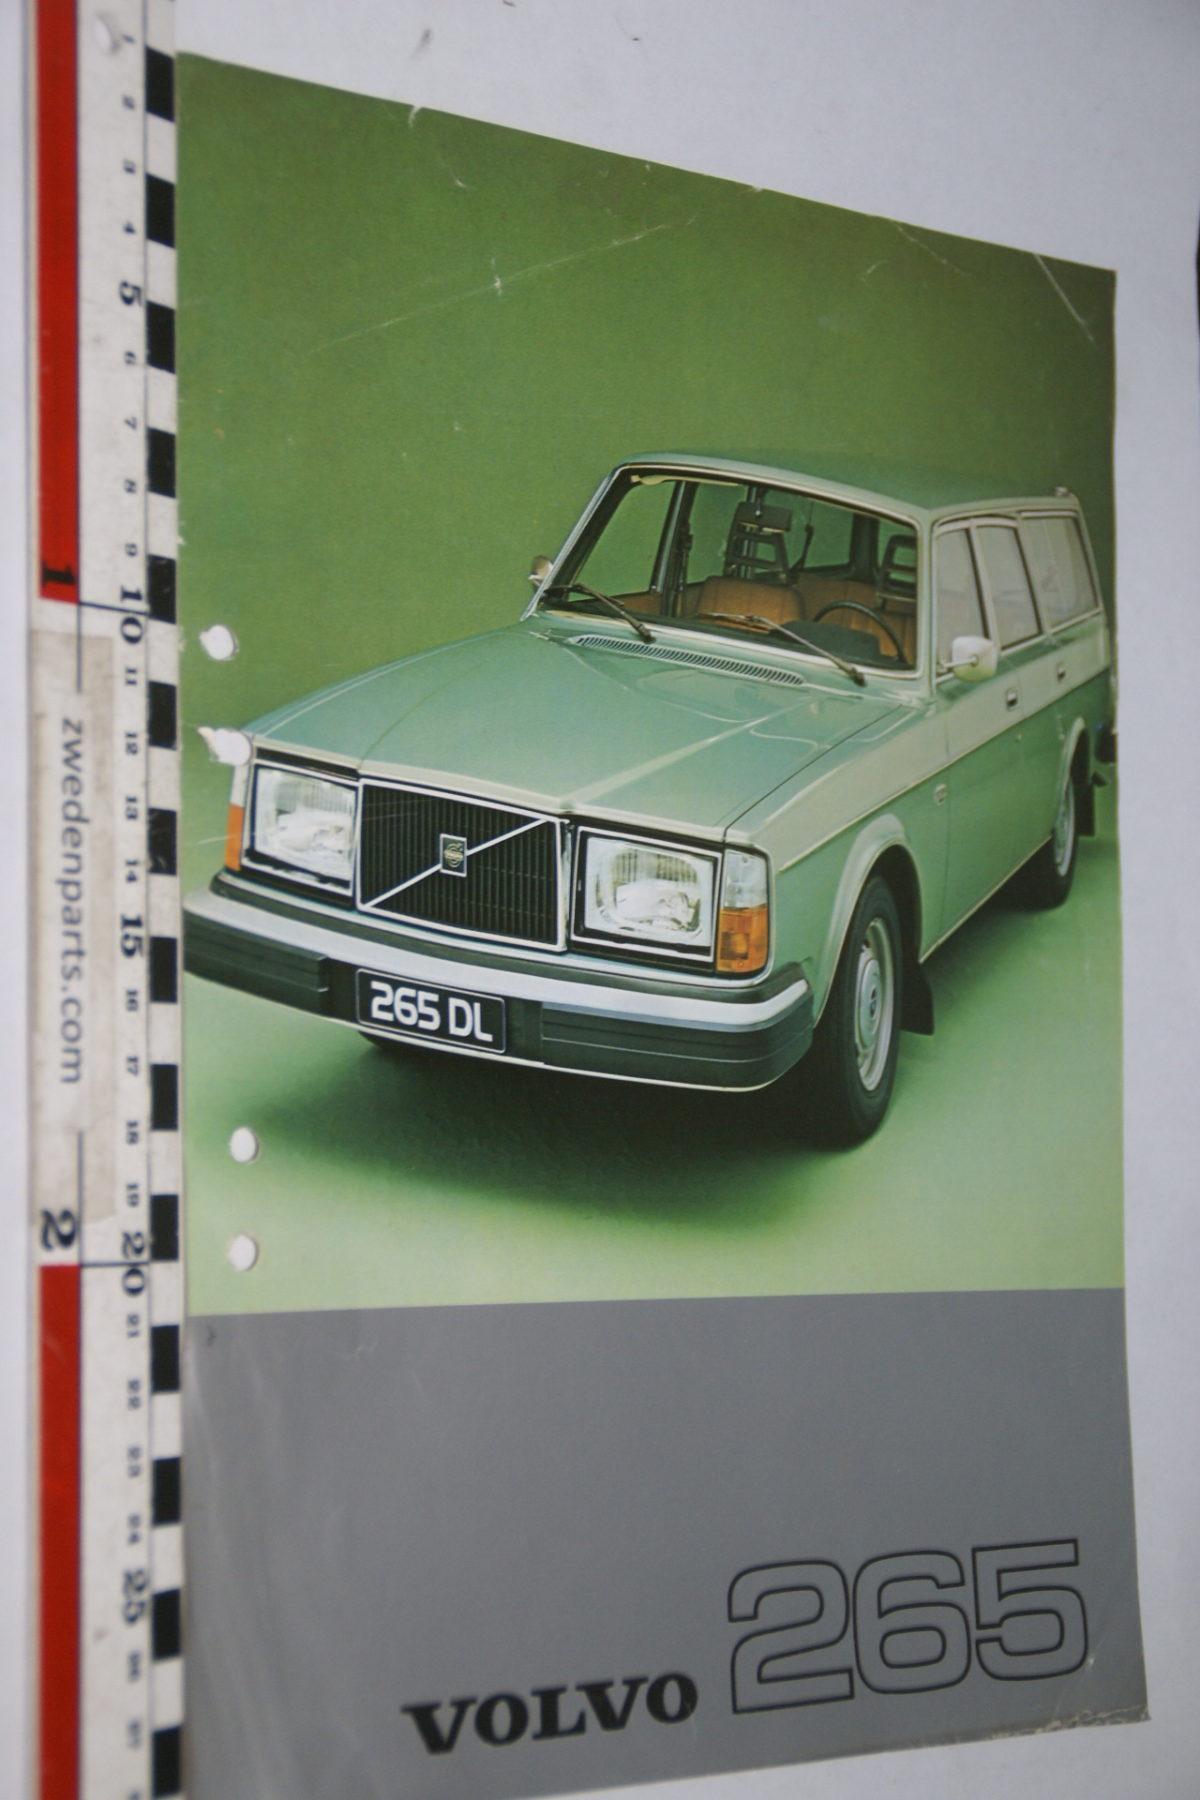 DSC07978 1977 brochure Volvo 265 nr RSPPV 4231-2